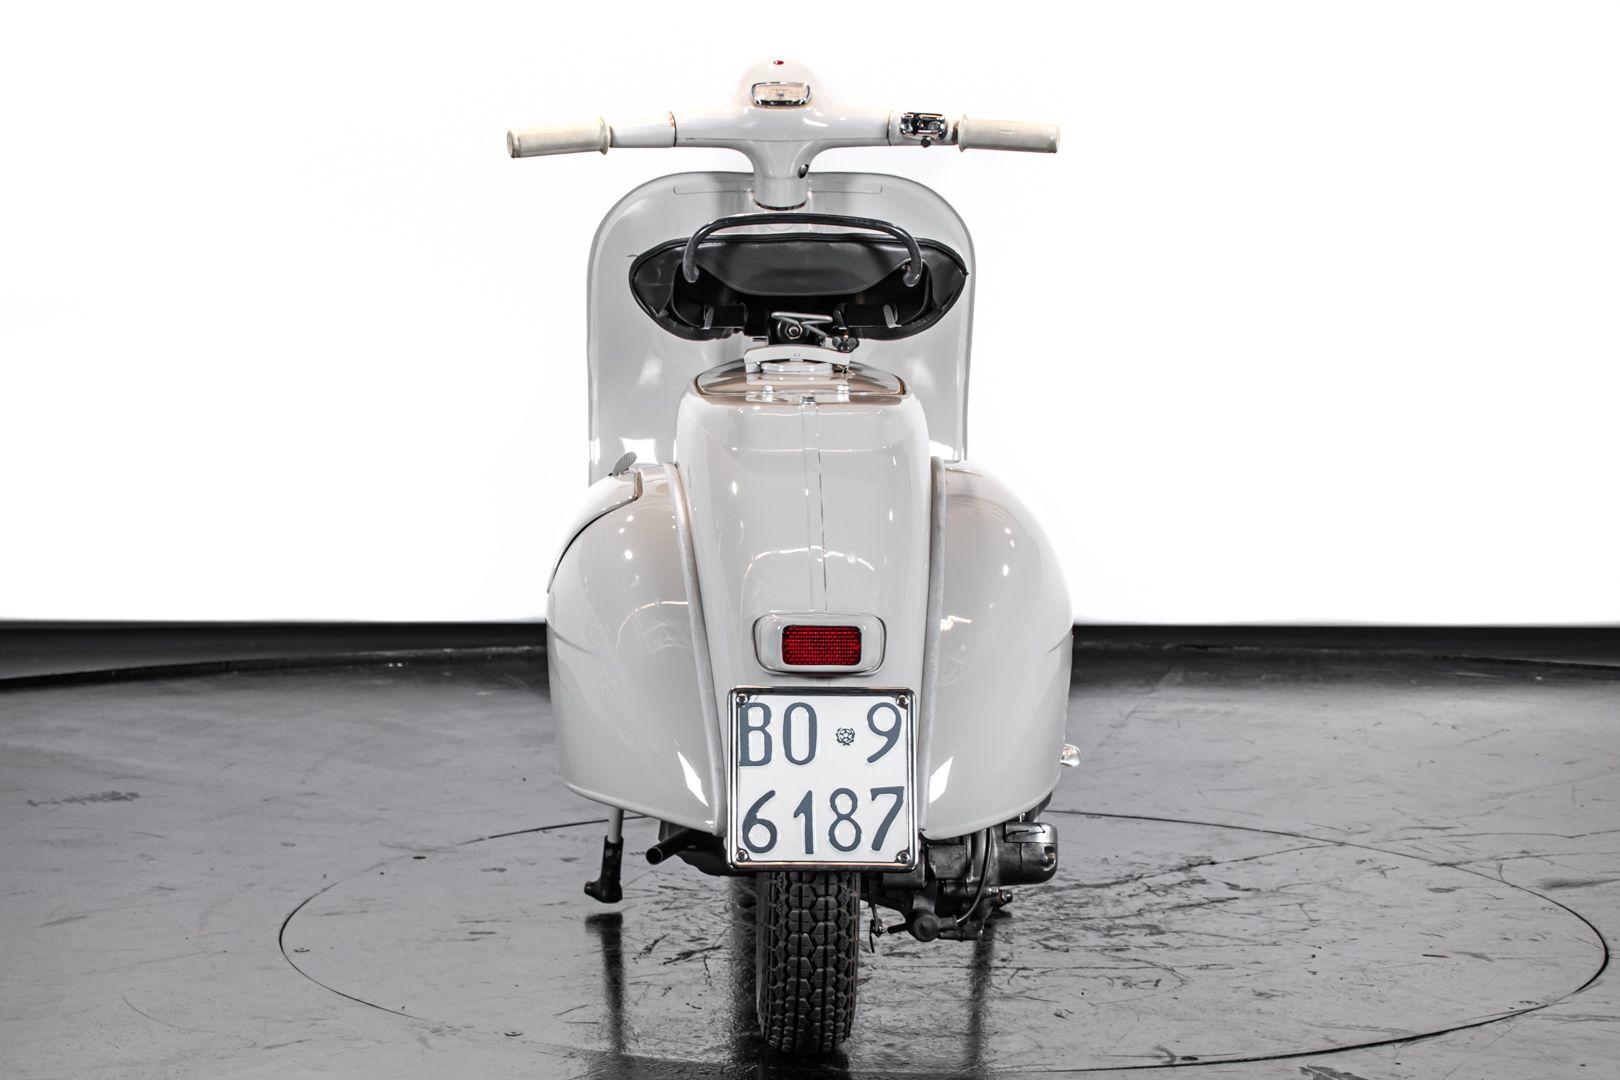 1958 Piaggio Vespa 125 72272